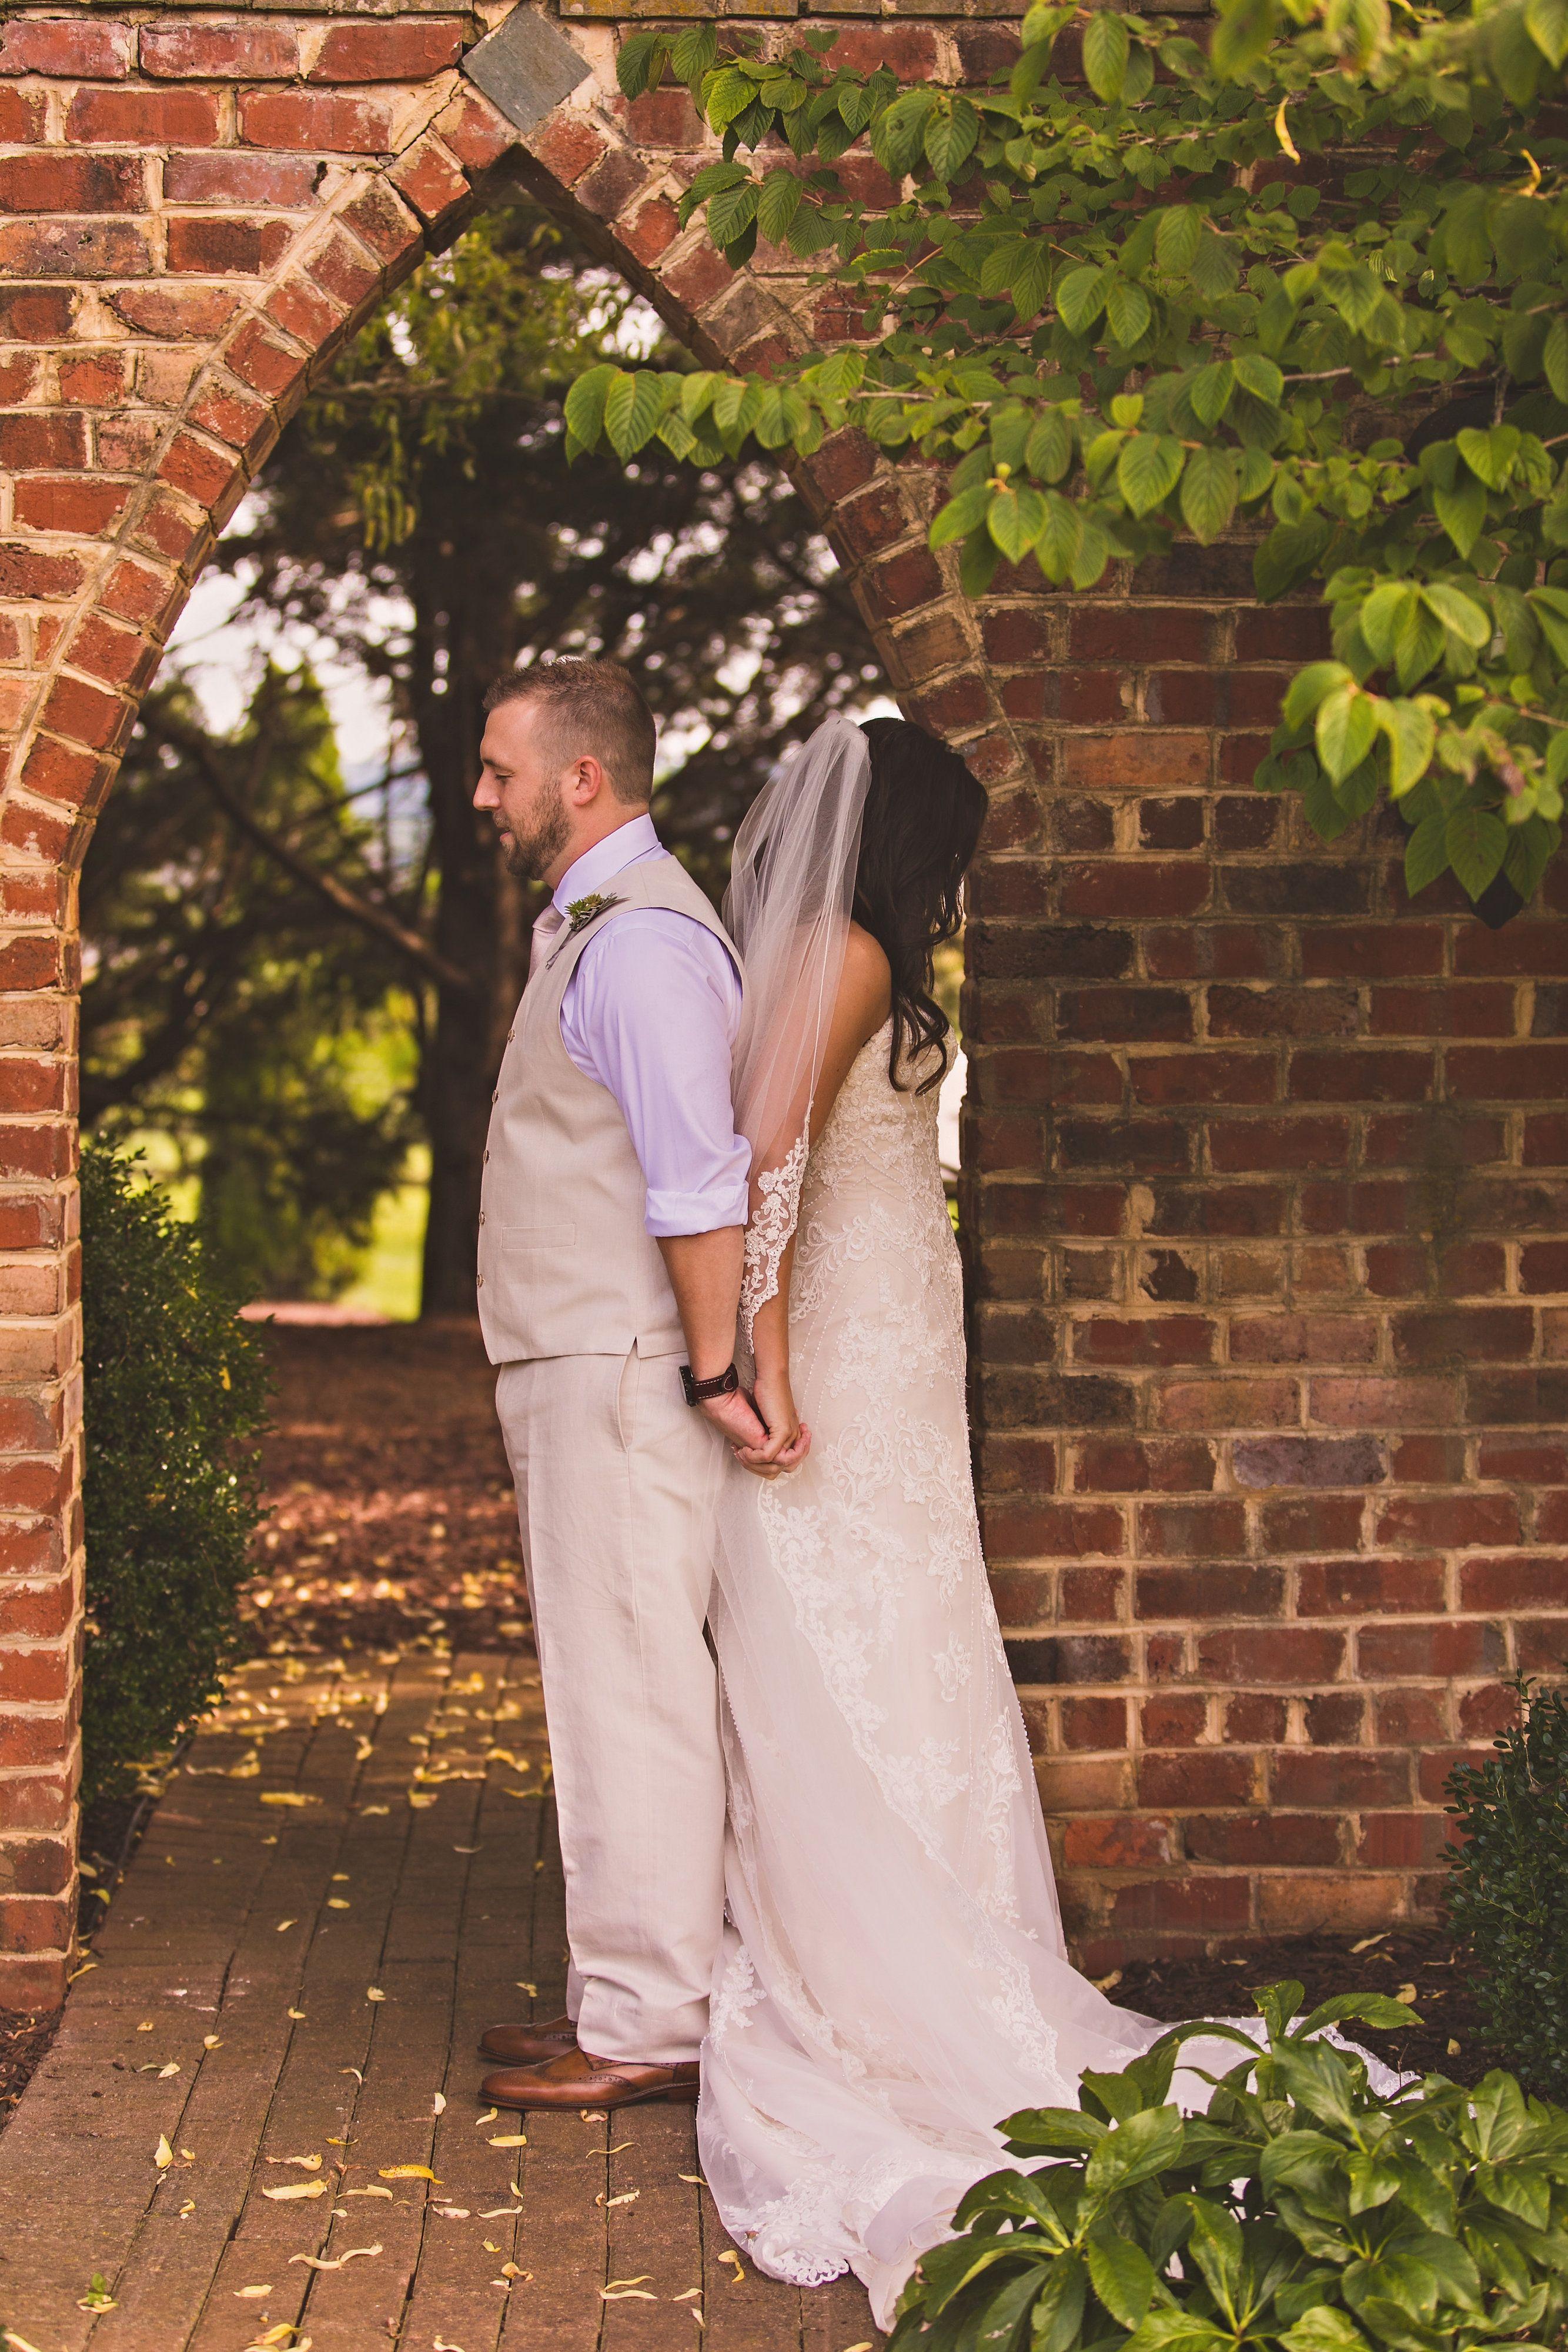 Refined Rustic Elegance Wedding venues in virginia, West